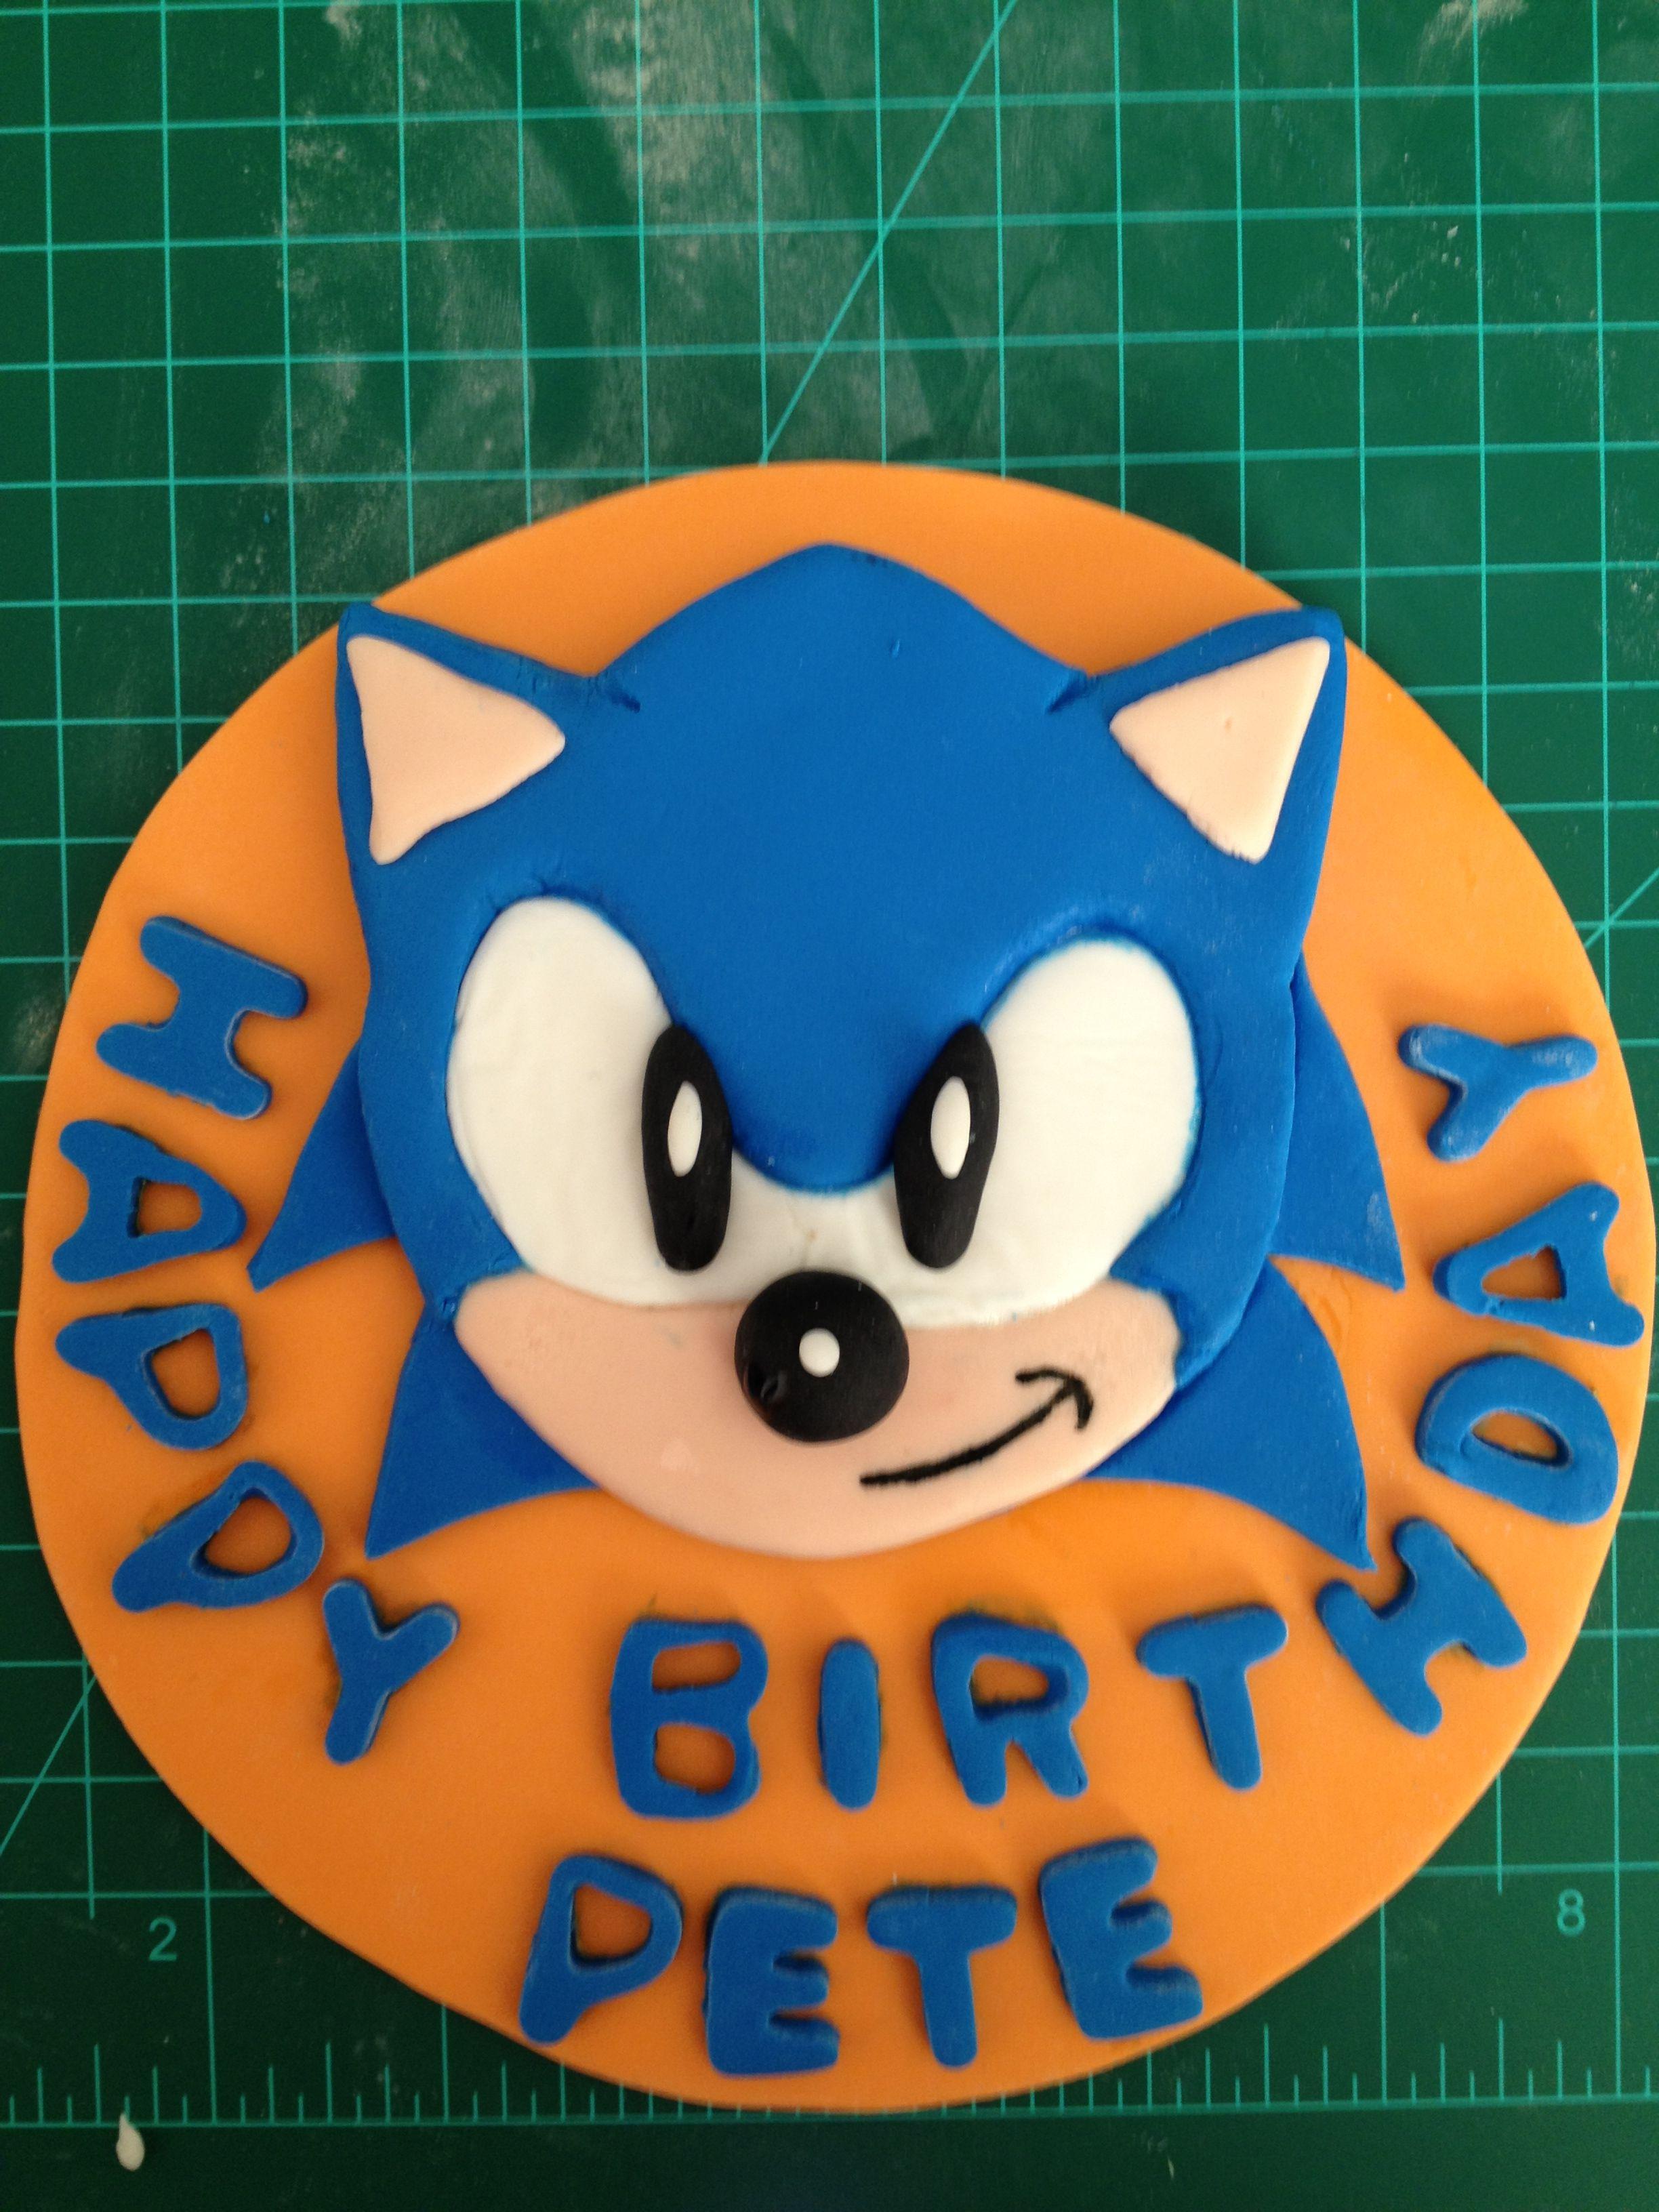 Sonic The Hedgehog Cake Topper Sonic The Hedgehog Cake Hedgehog